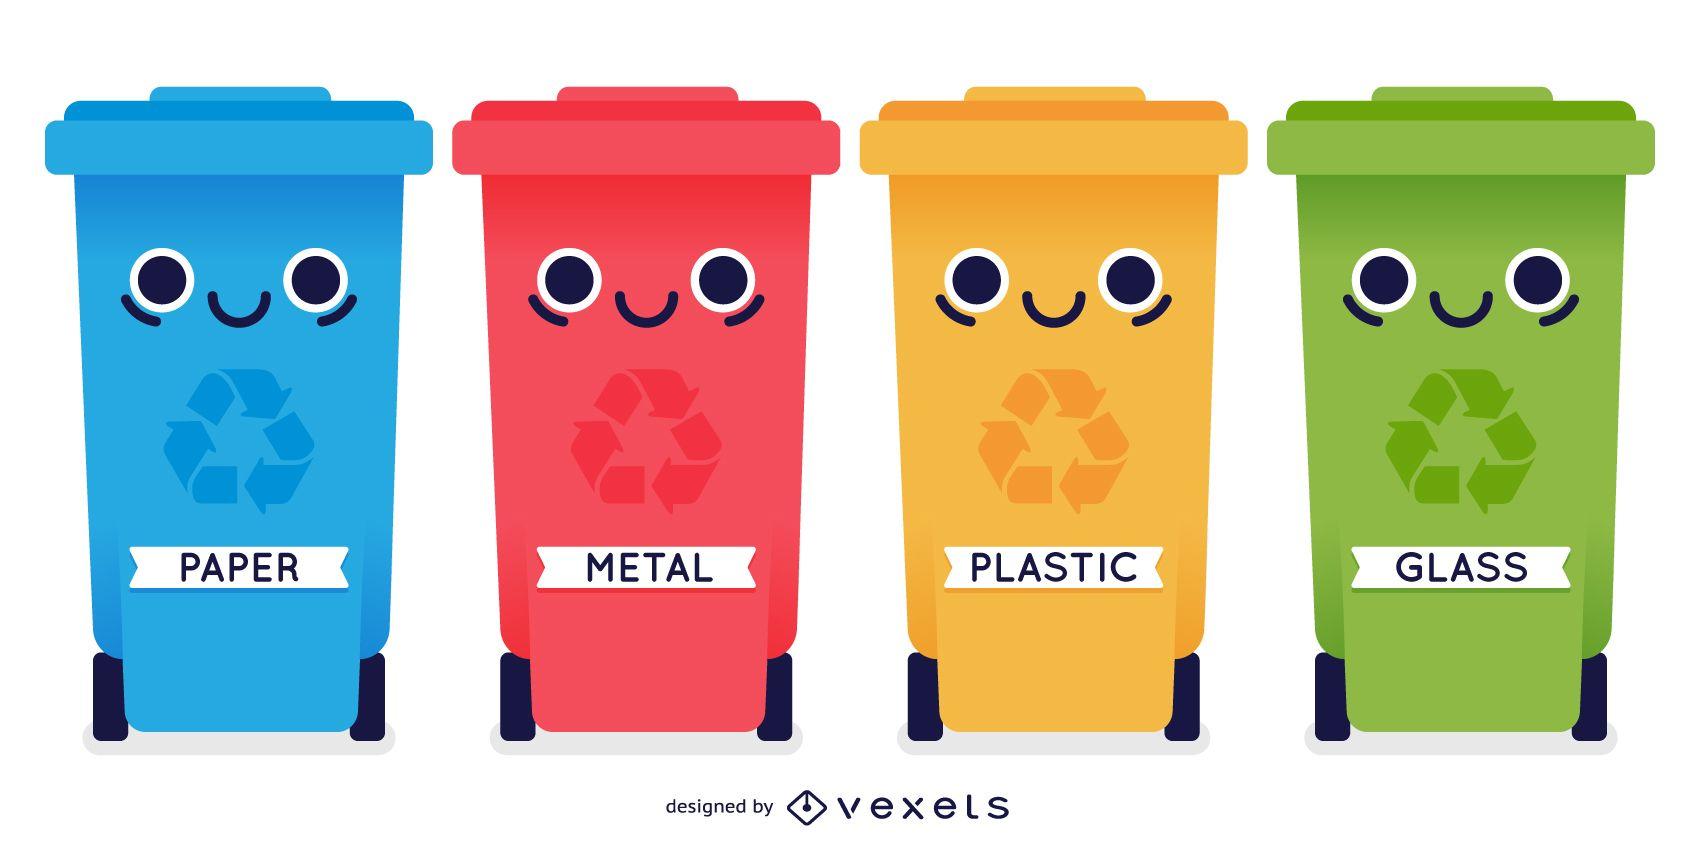 4 contenedores de papelera de reciclaje Funky